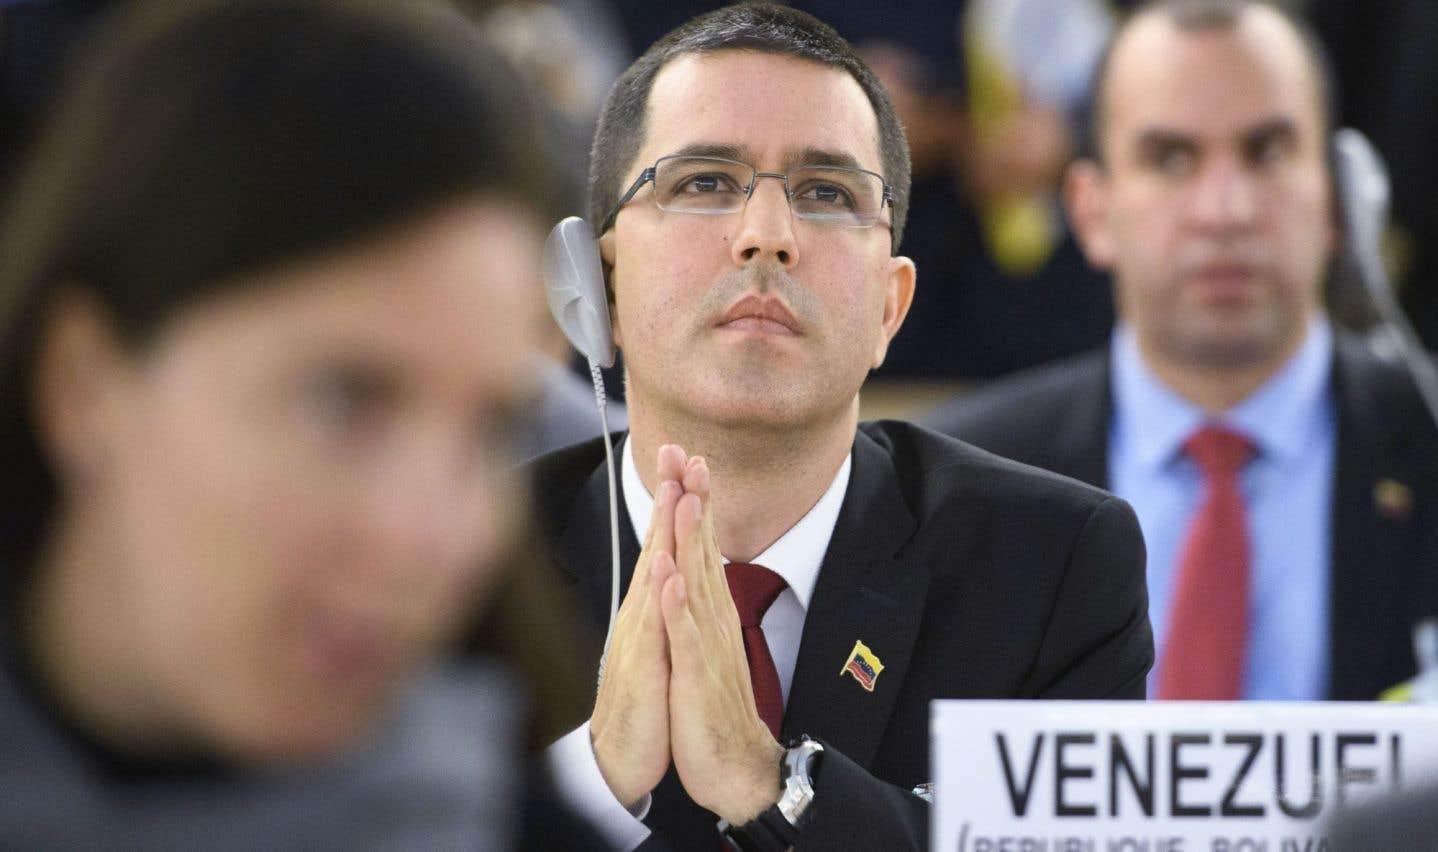 Le chef de la diplomatie du Venezuela, Jorge Arreaza Montserrat, a balayé les critiques et dénoncé les sanctions contre son pays.